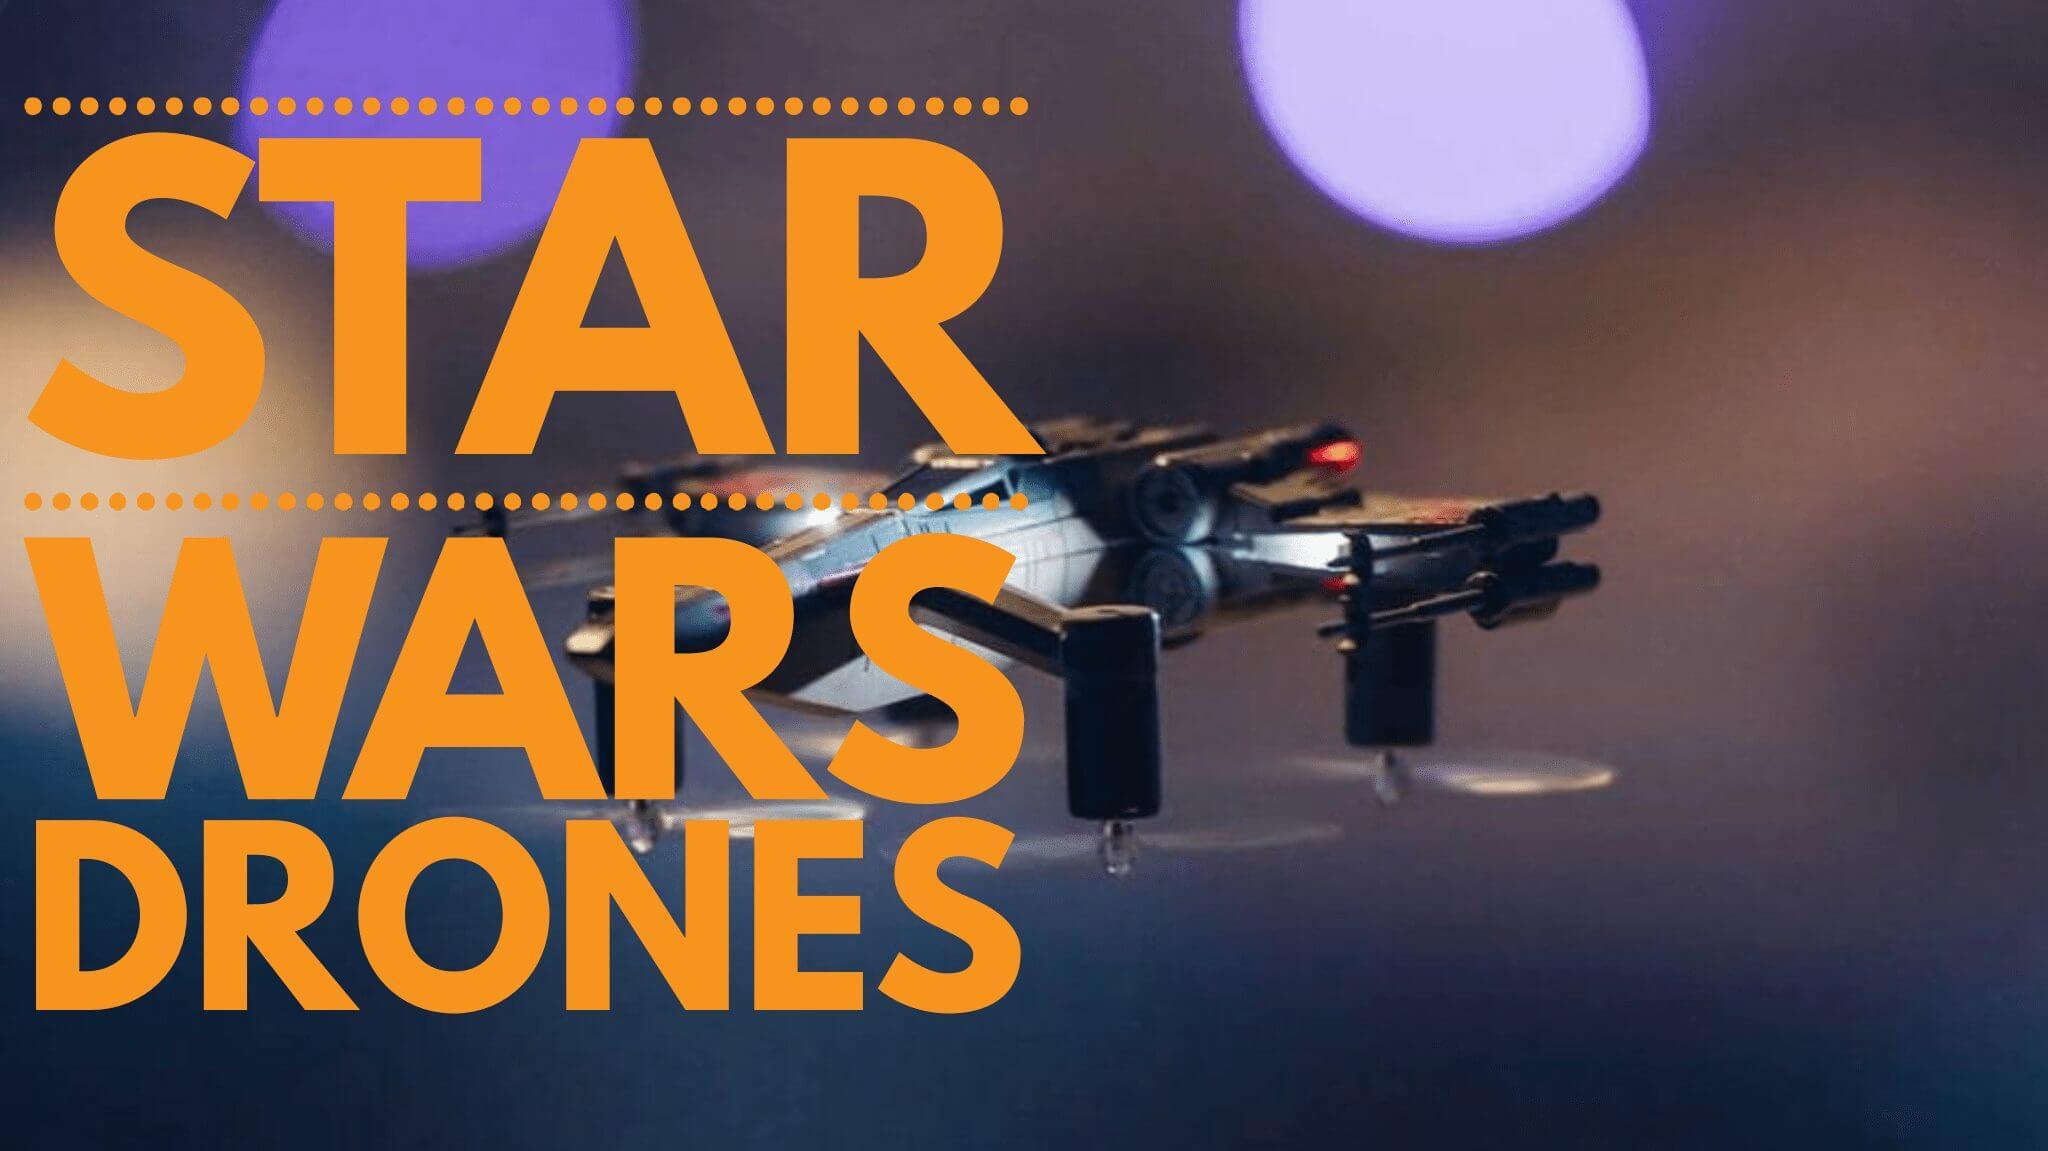 Pare tudo e veja esses Drones de STAR WARS